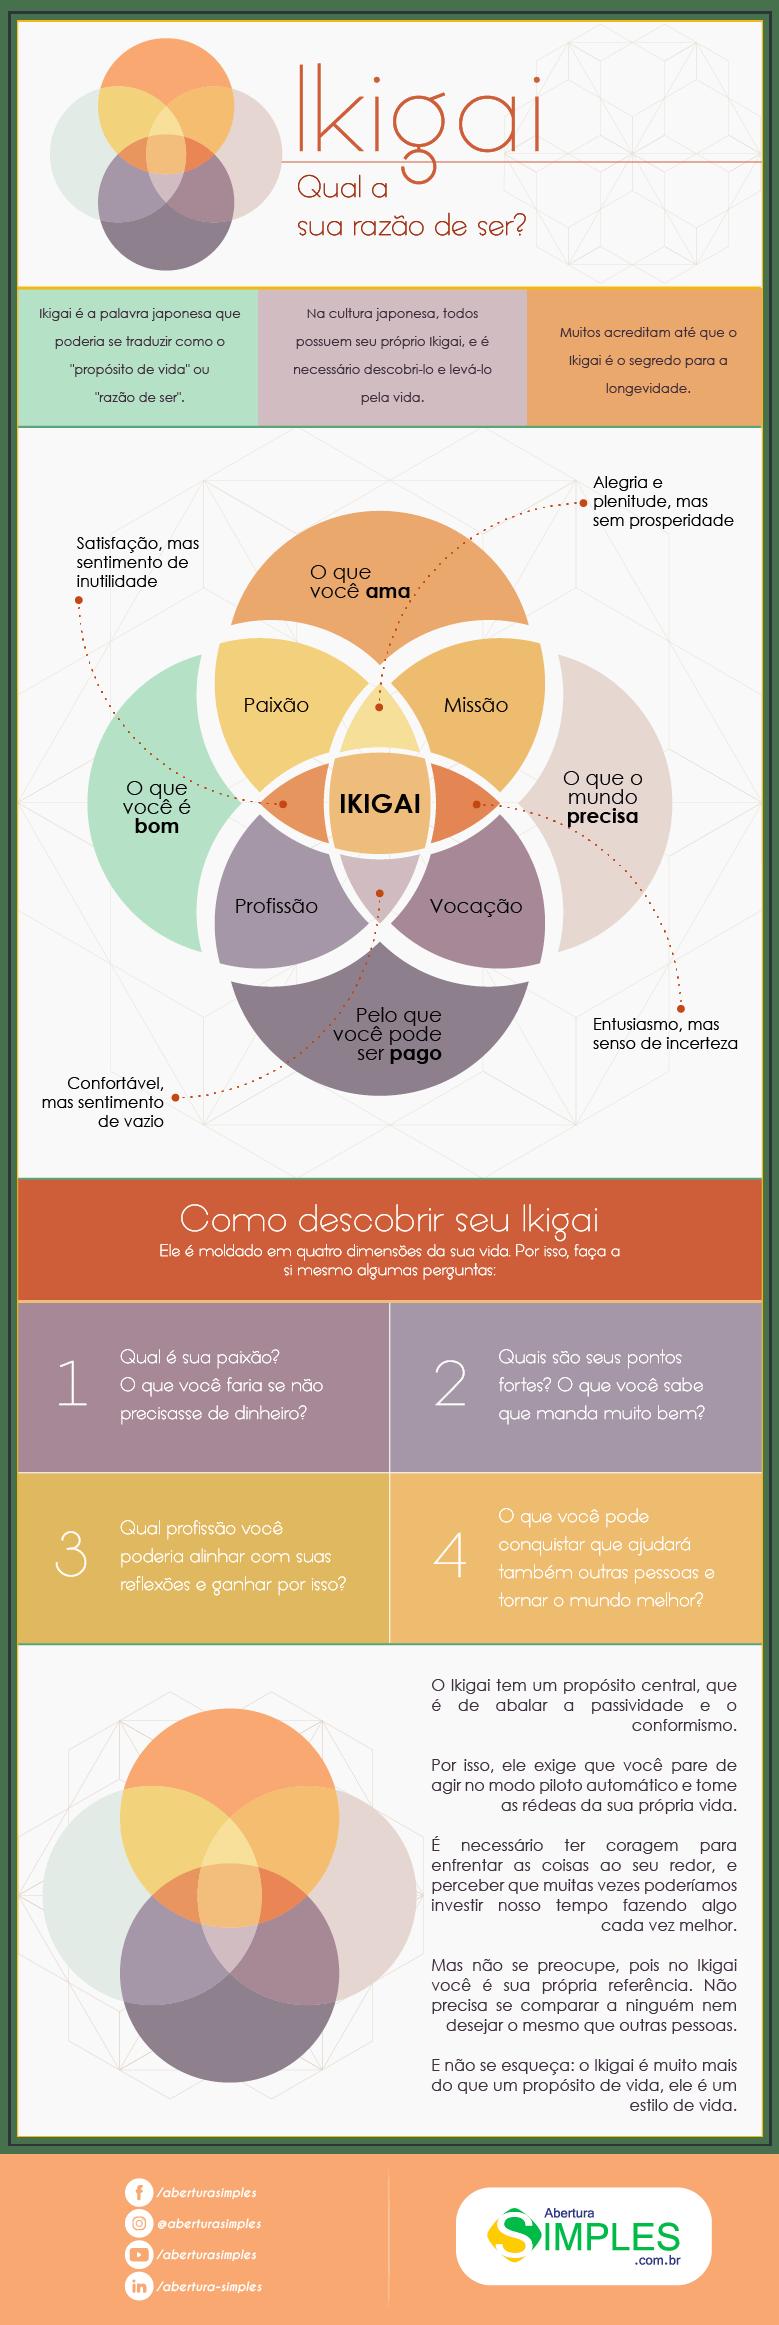 infográfico de ikigai, a razão de ser de cada um